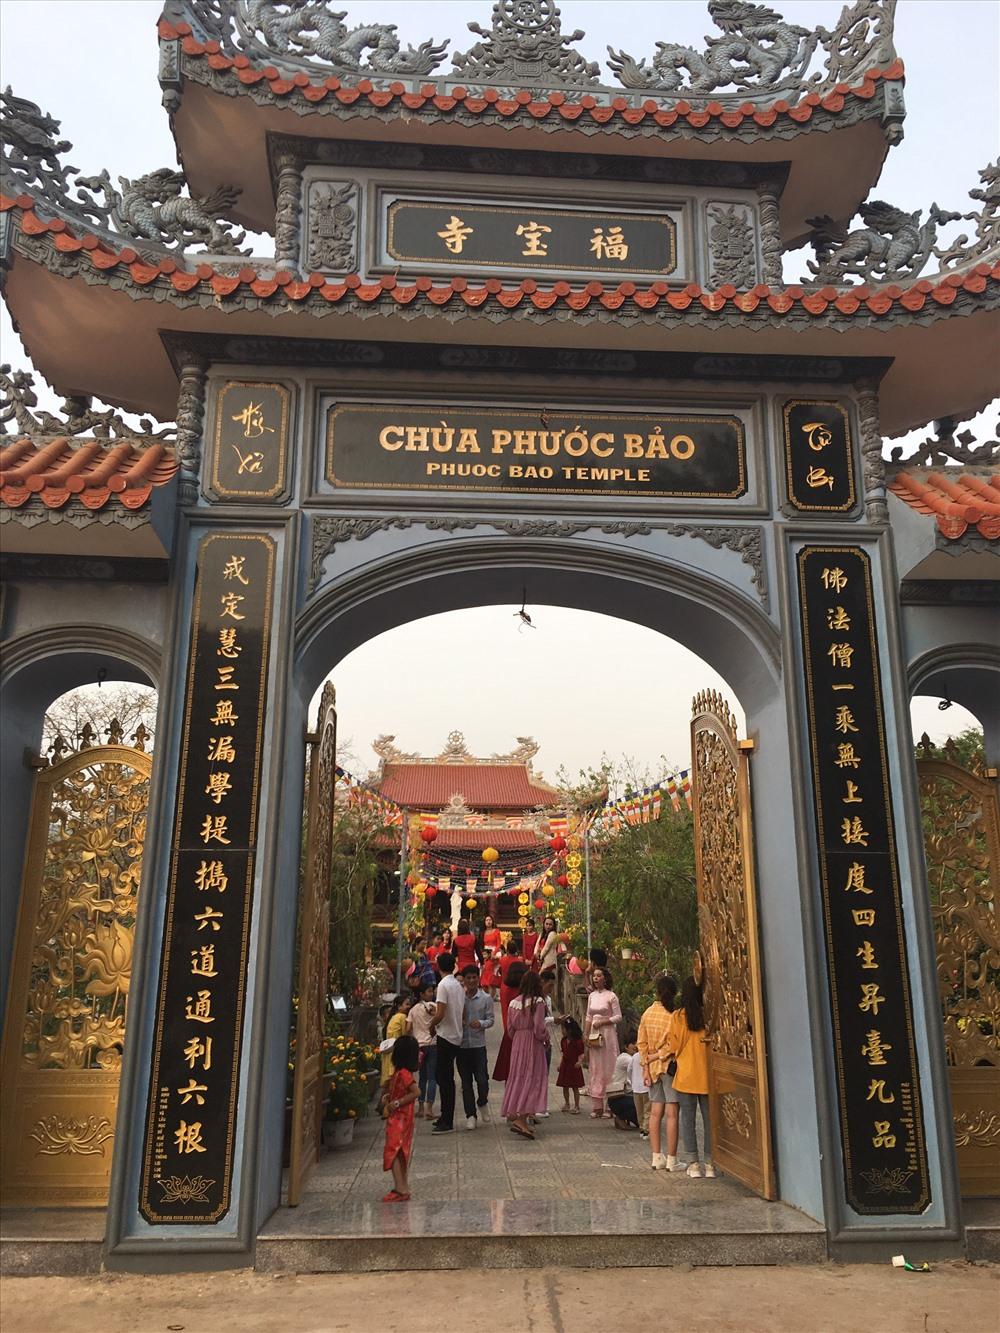 Nằm ở trung tâm thị trấn Lao Bảo, chùa Phước Bảo là điểm đến đầu năm của người dân.